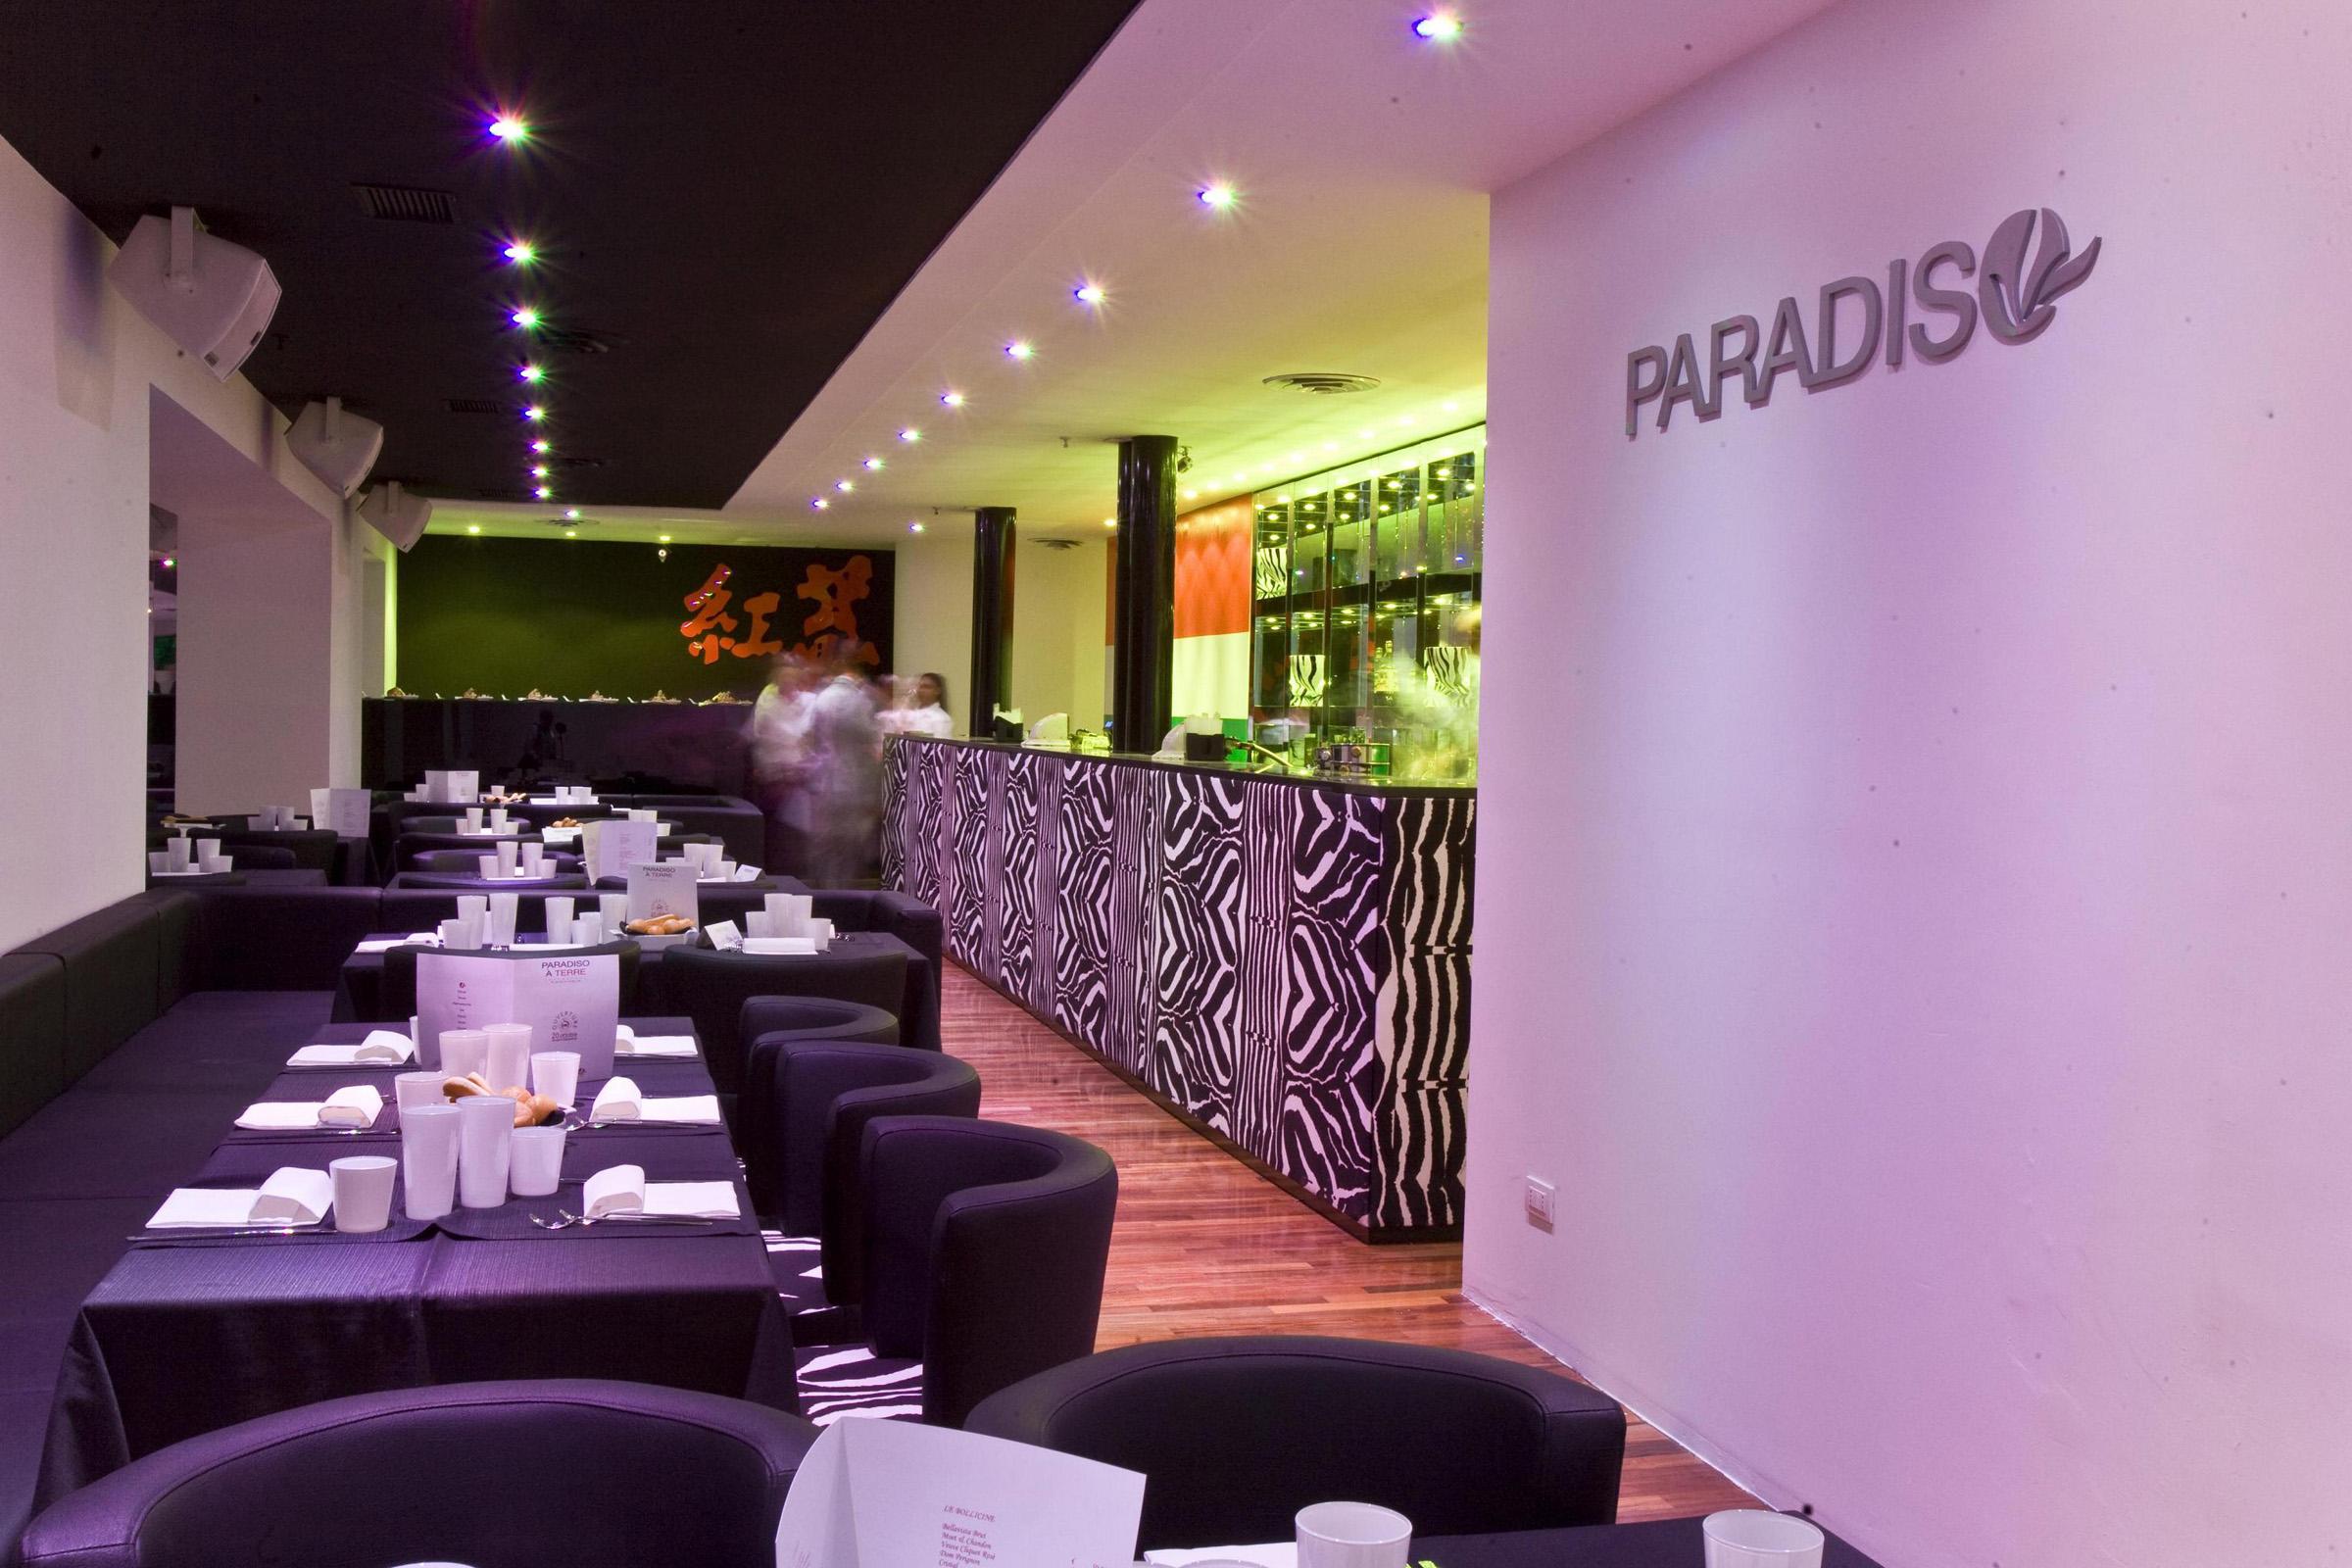 Paradiso discoteche rimini e riccione for Arredamento discoteca